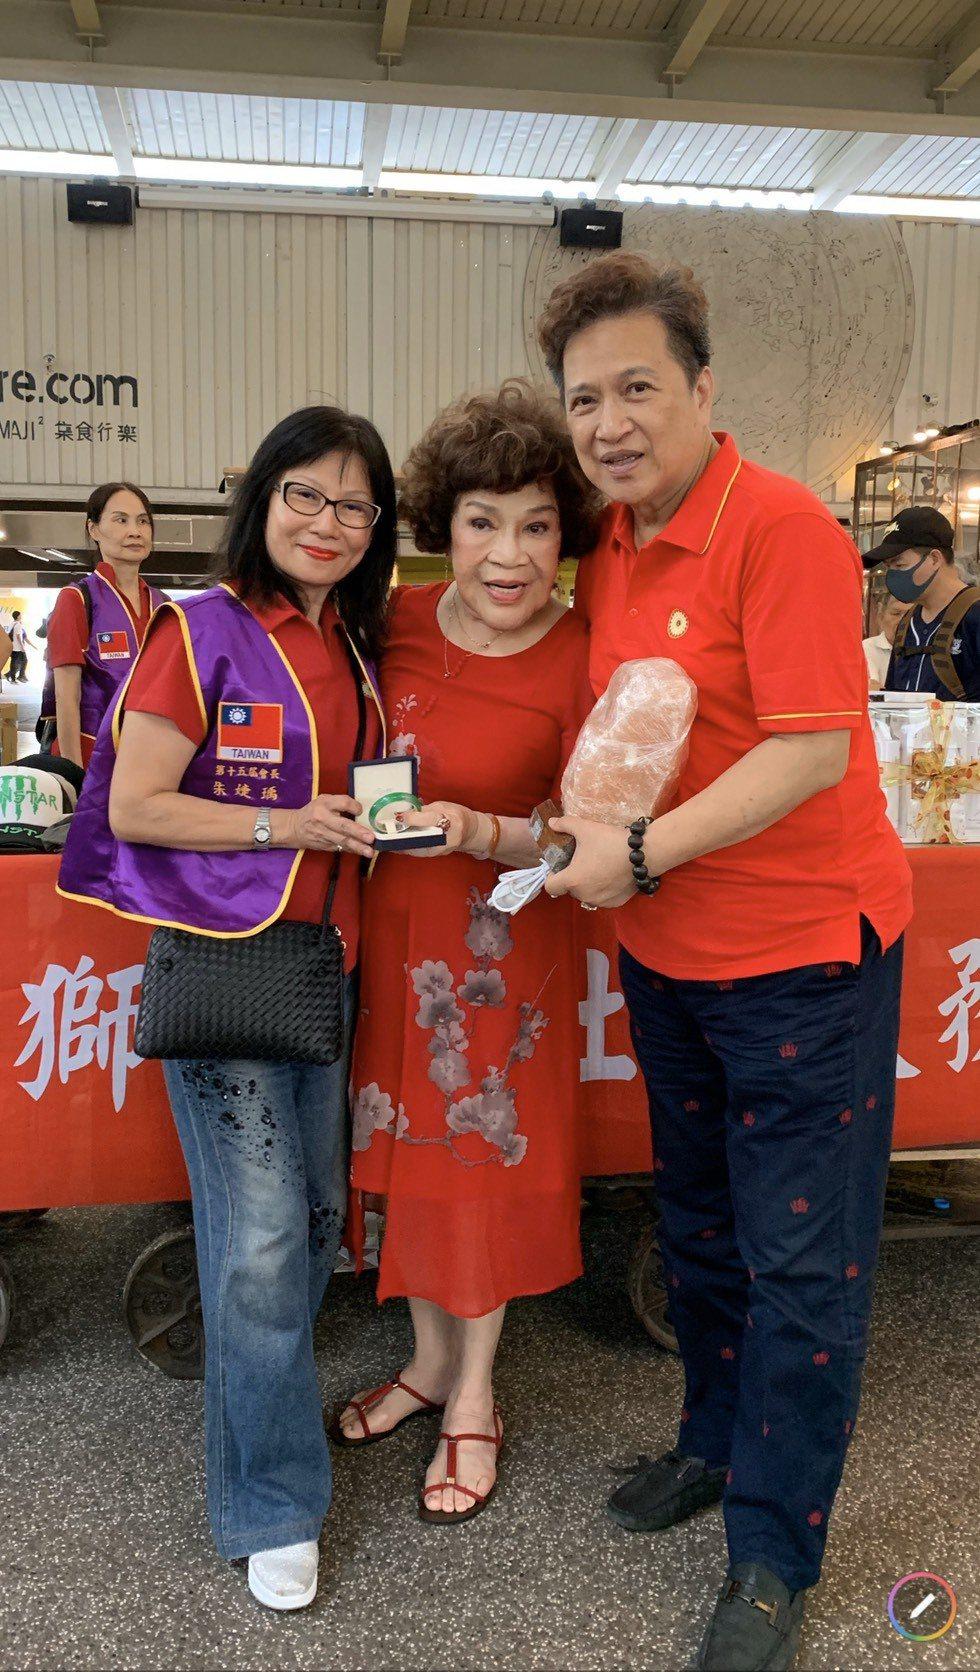 李朝永(右起)、阿姑周遊、台北市獅子會會長朱婕瑀為籌募救助車,捐出手鐲、鹽燈義賣